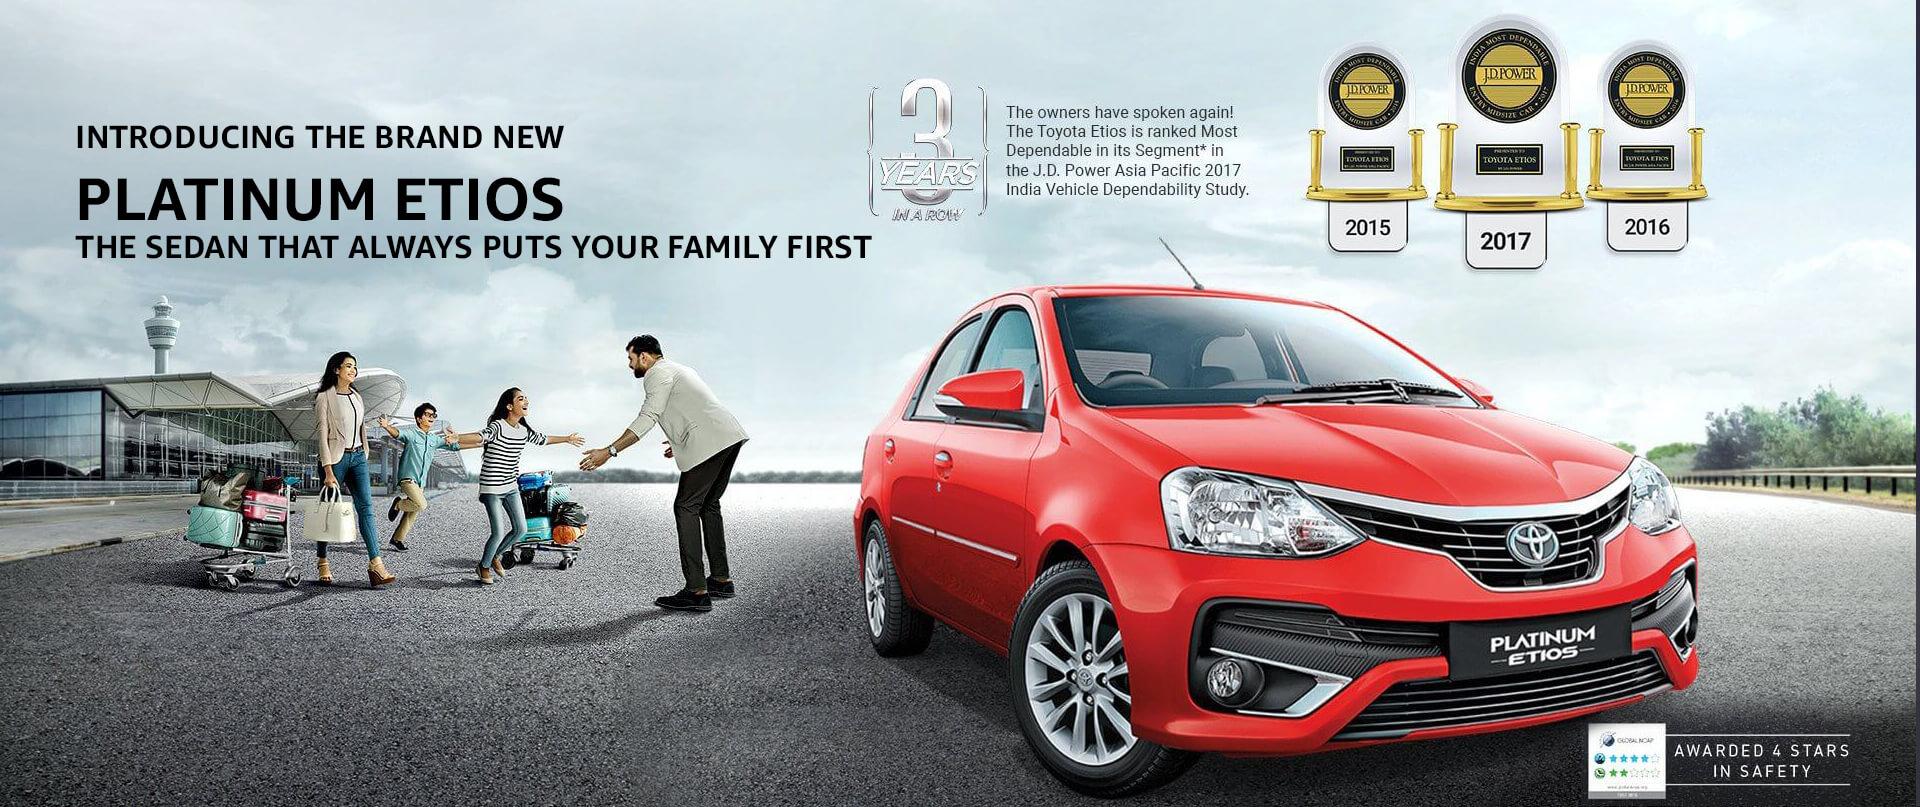 Toyota India | Official Toyota Platinum Etios site, Platinum Etios